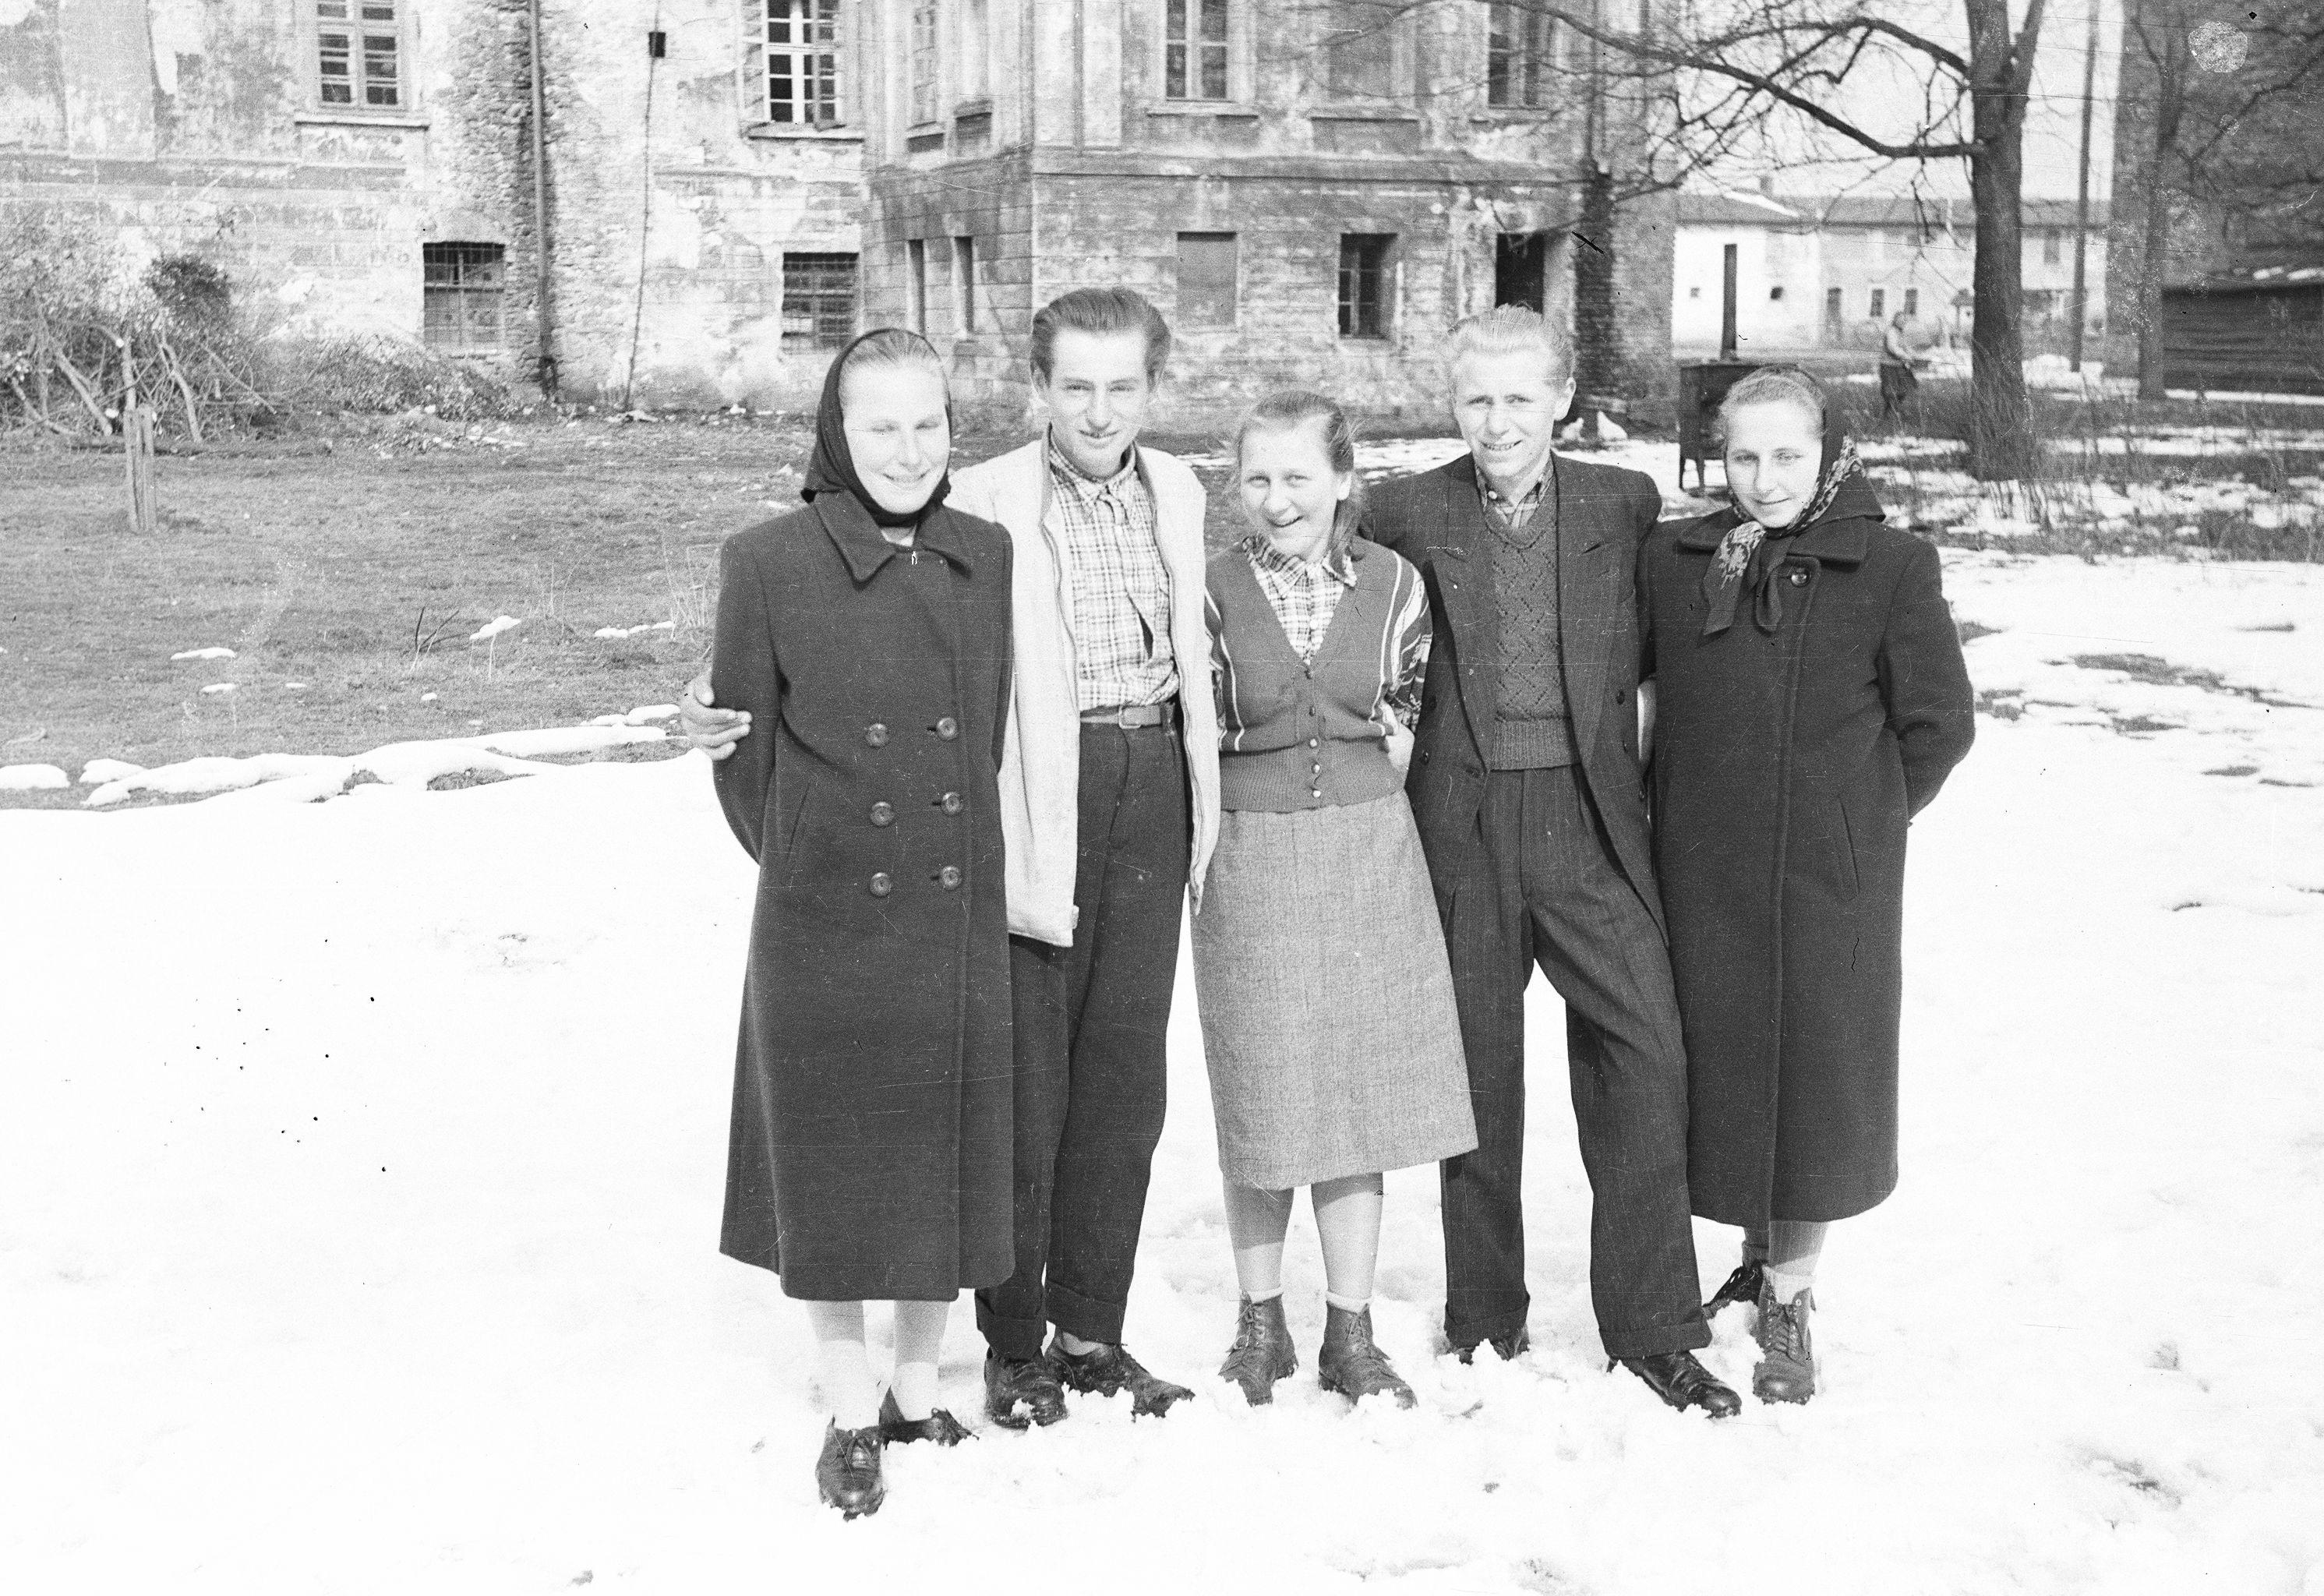 Od lewej: Stanisława, Zygmunt, Irena oraz Stanisław z żoną, Brzózka, Dolny Śląsk, lata 50. XX w.